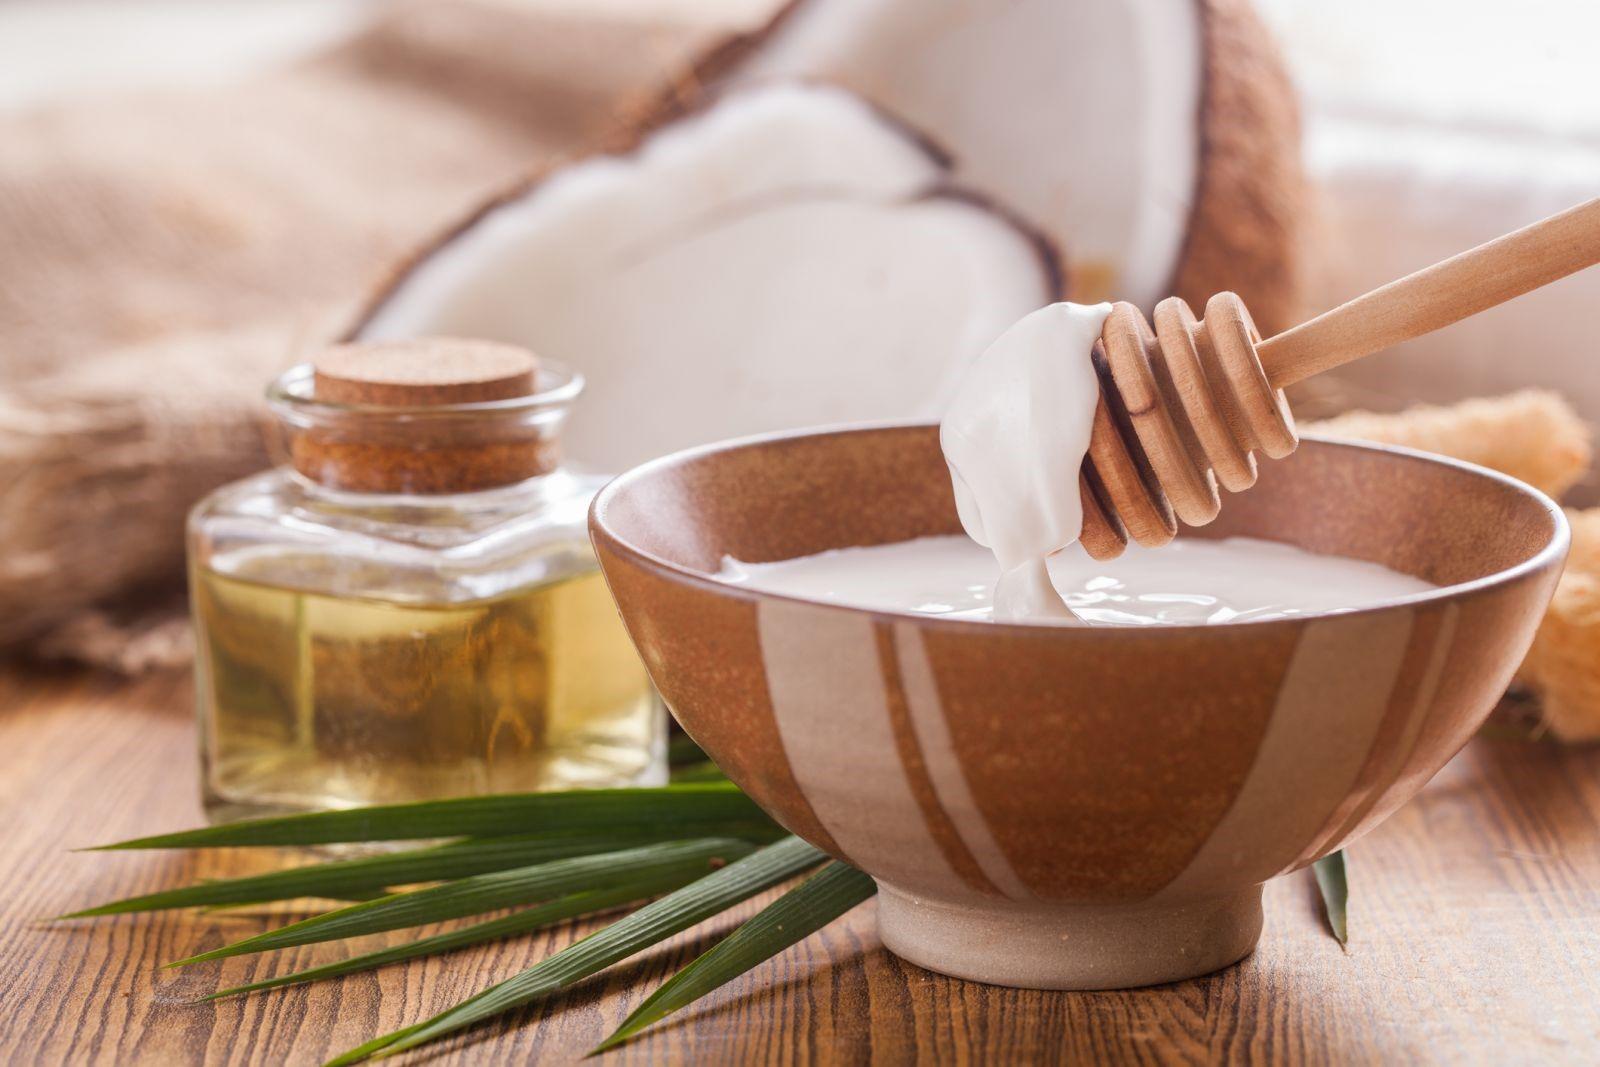 Tác dụng của dầu dừa đối với sức khoẻ